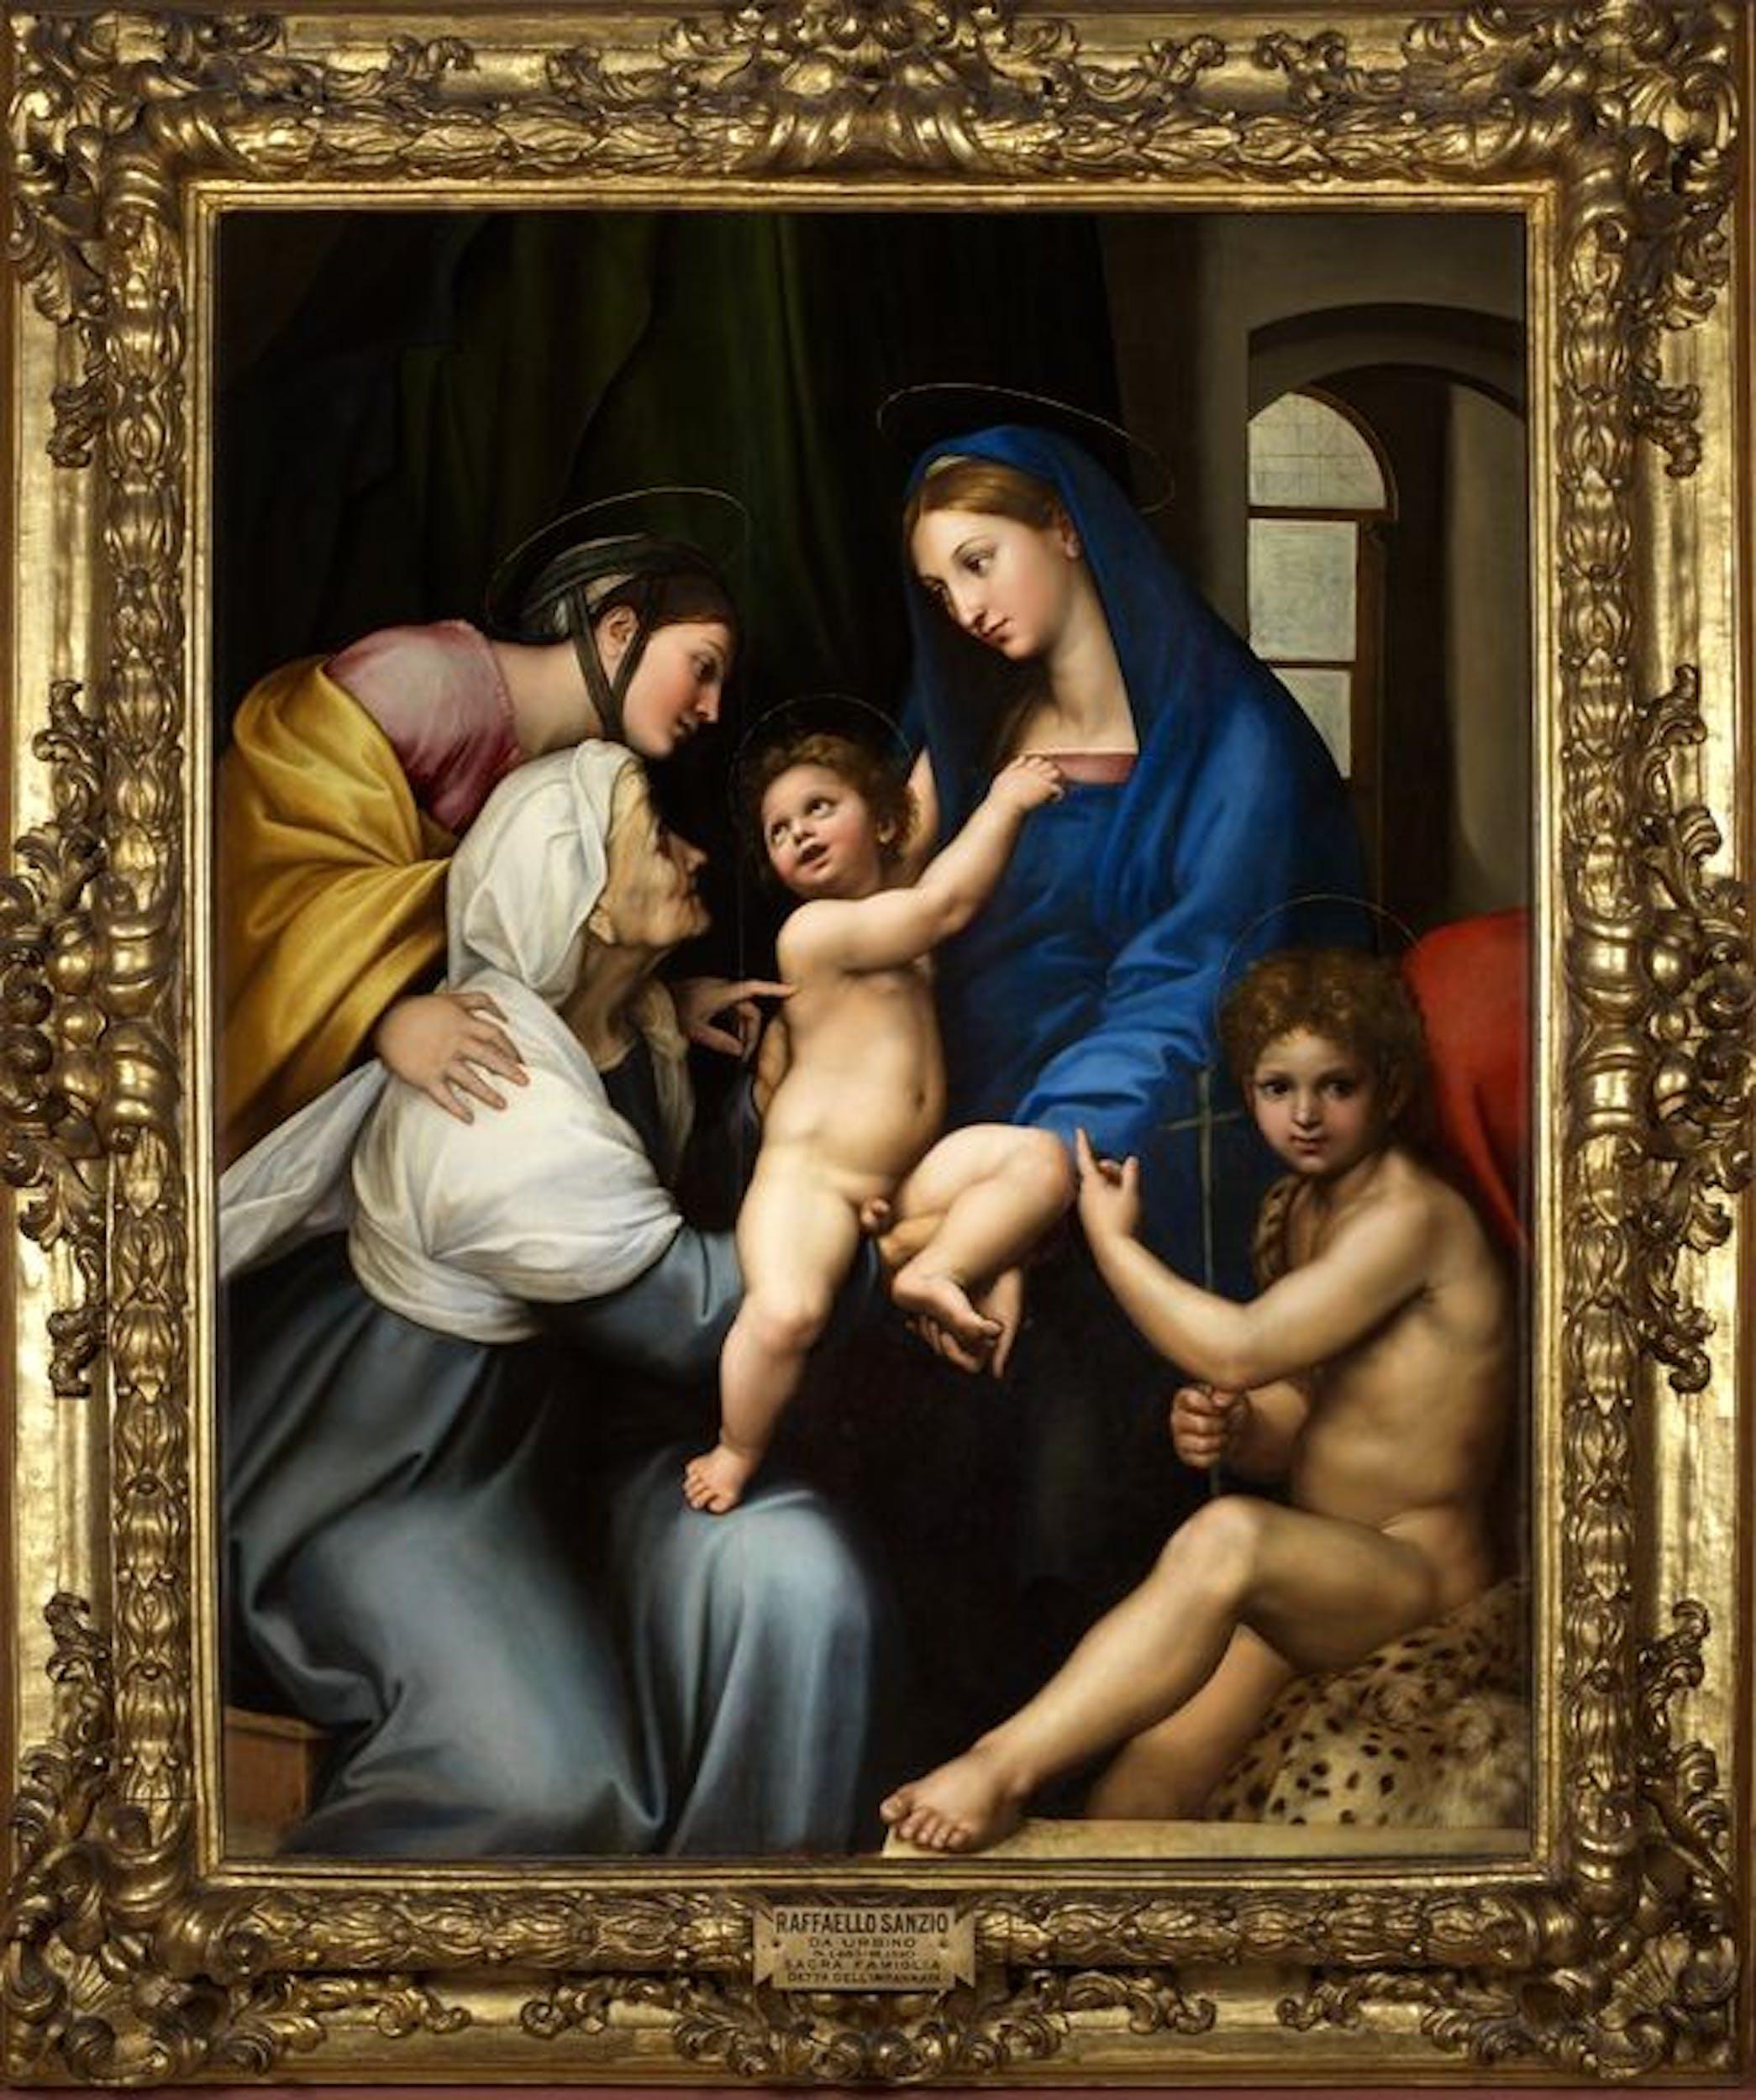 Raffaello Madonna dell'Impannata 1511 olio su tavola / oil on panel Firenze, Gallerie degli Uffizi, Galleria Palatina